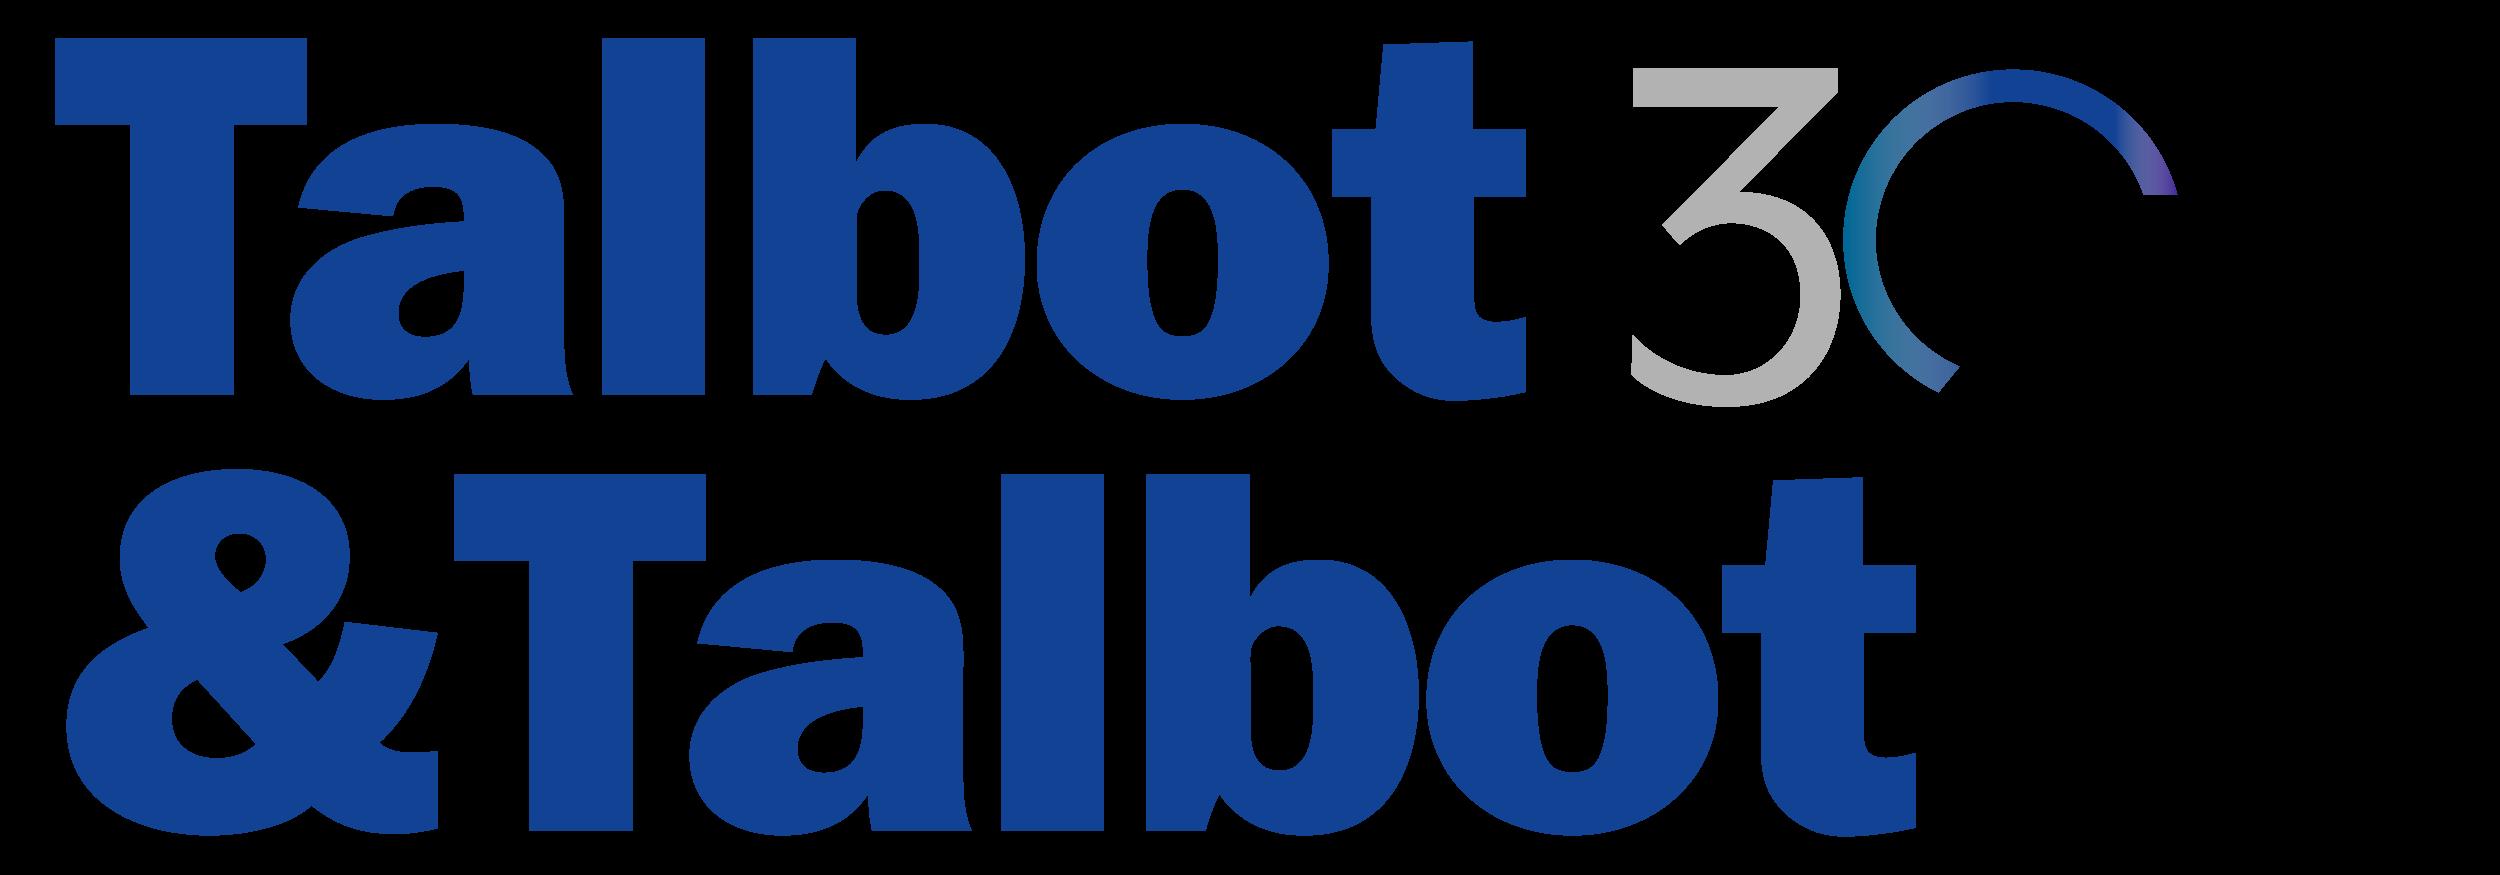 Talbot & Talbot - 30 Years